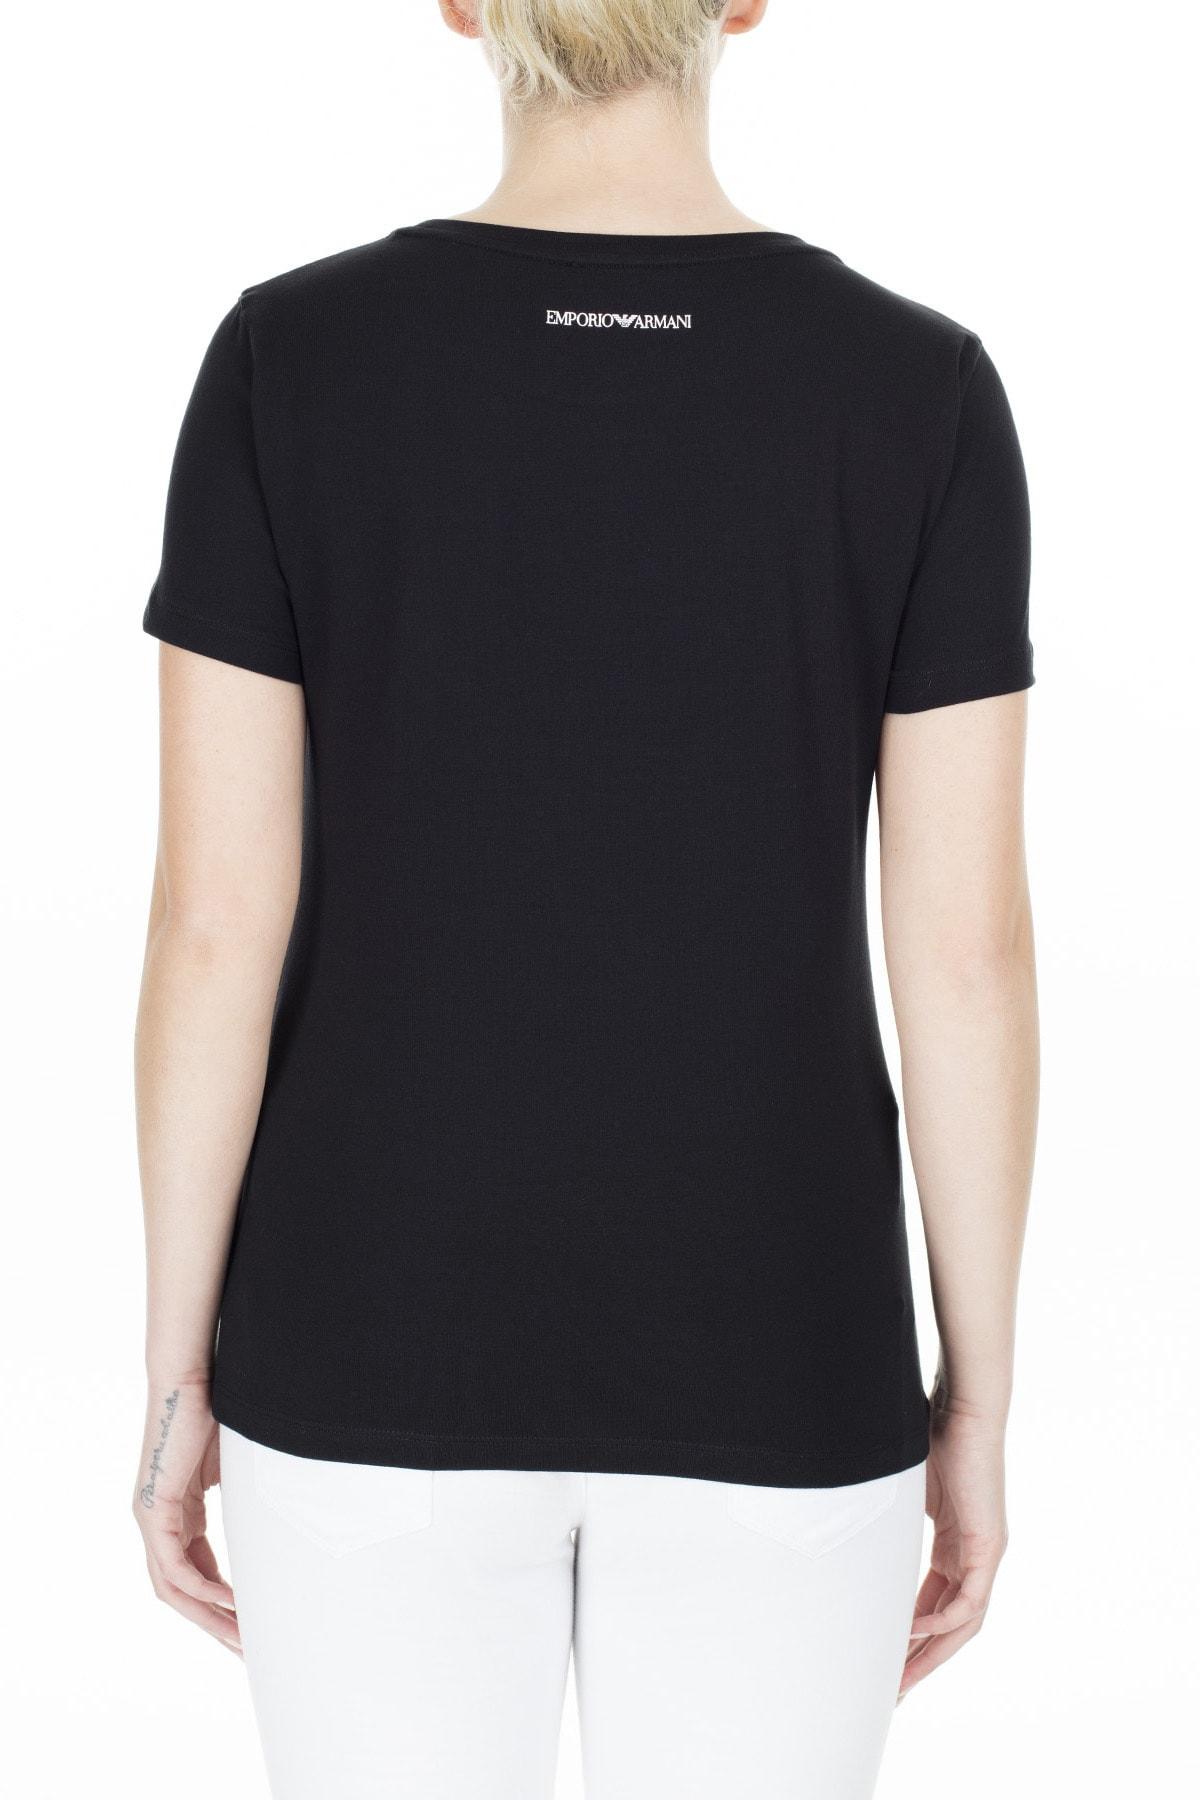 Emporio Armani Kadın Siyah T-Shirt 3H2T6C 2Jqaz 0999 1